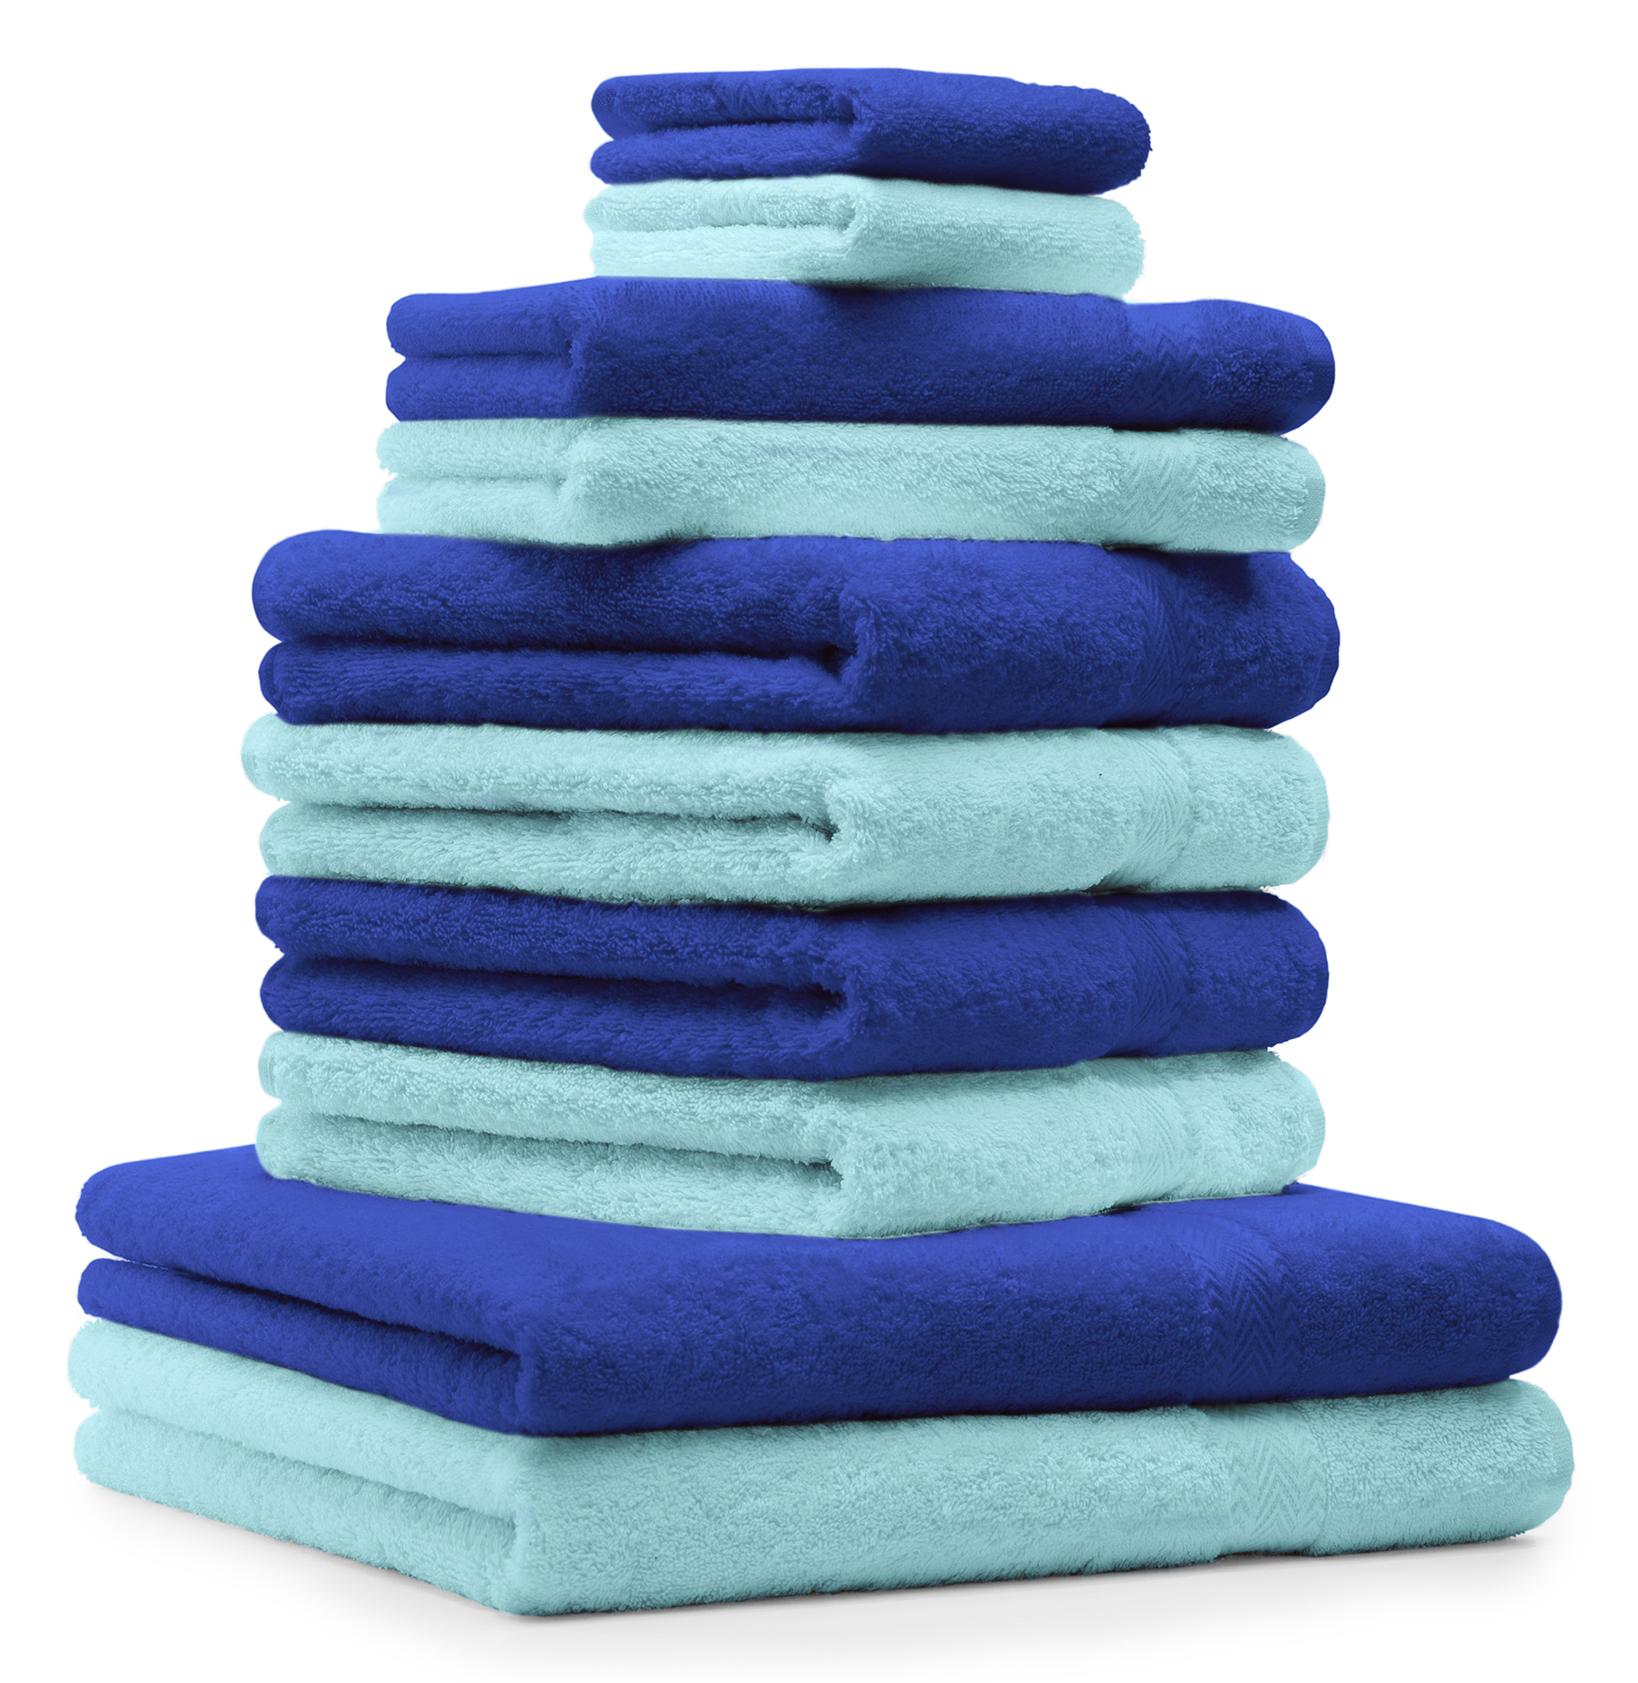 betz 10 tlg handtuch set premium 100 umwolle 2. Black Bedroom Furniture Sets. Home Design Ideas